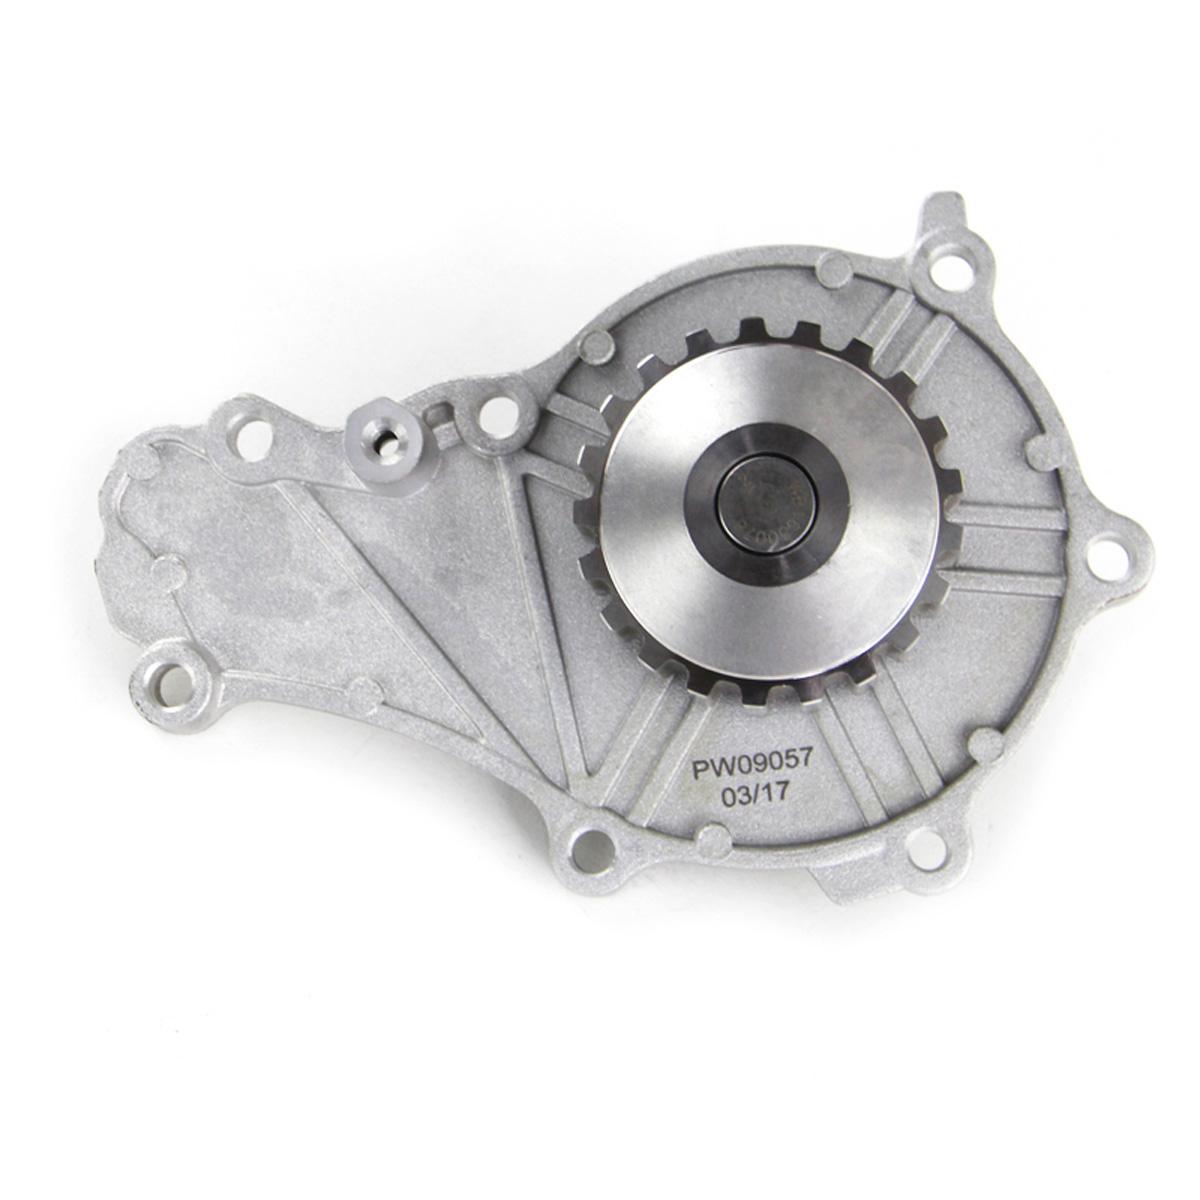 Wasserpumpe für Citroen Ford Mazda Peugeot Toyota Aygo entsp. 1201.F9, PW09057